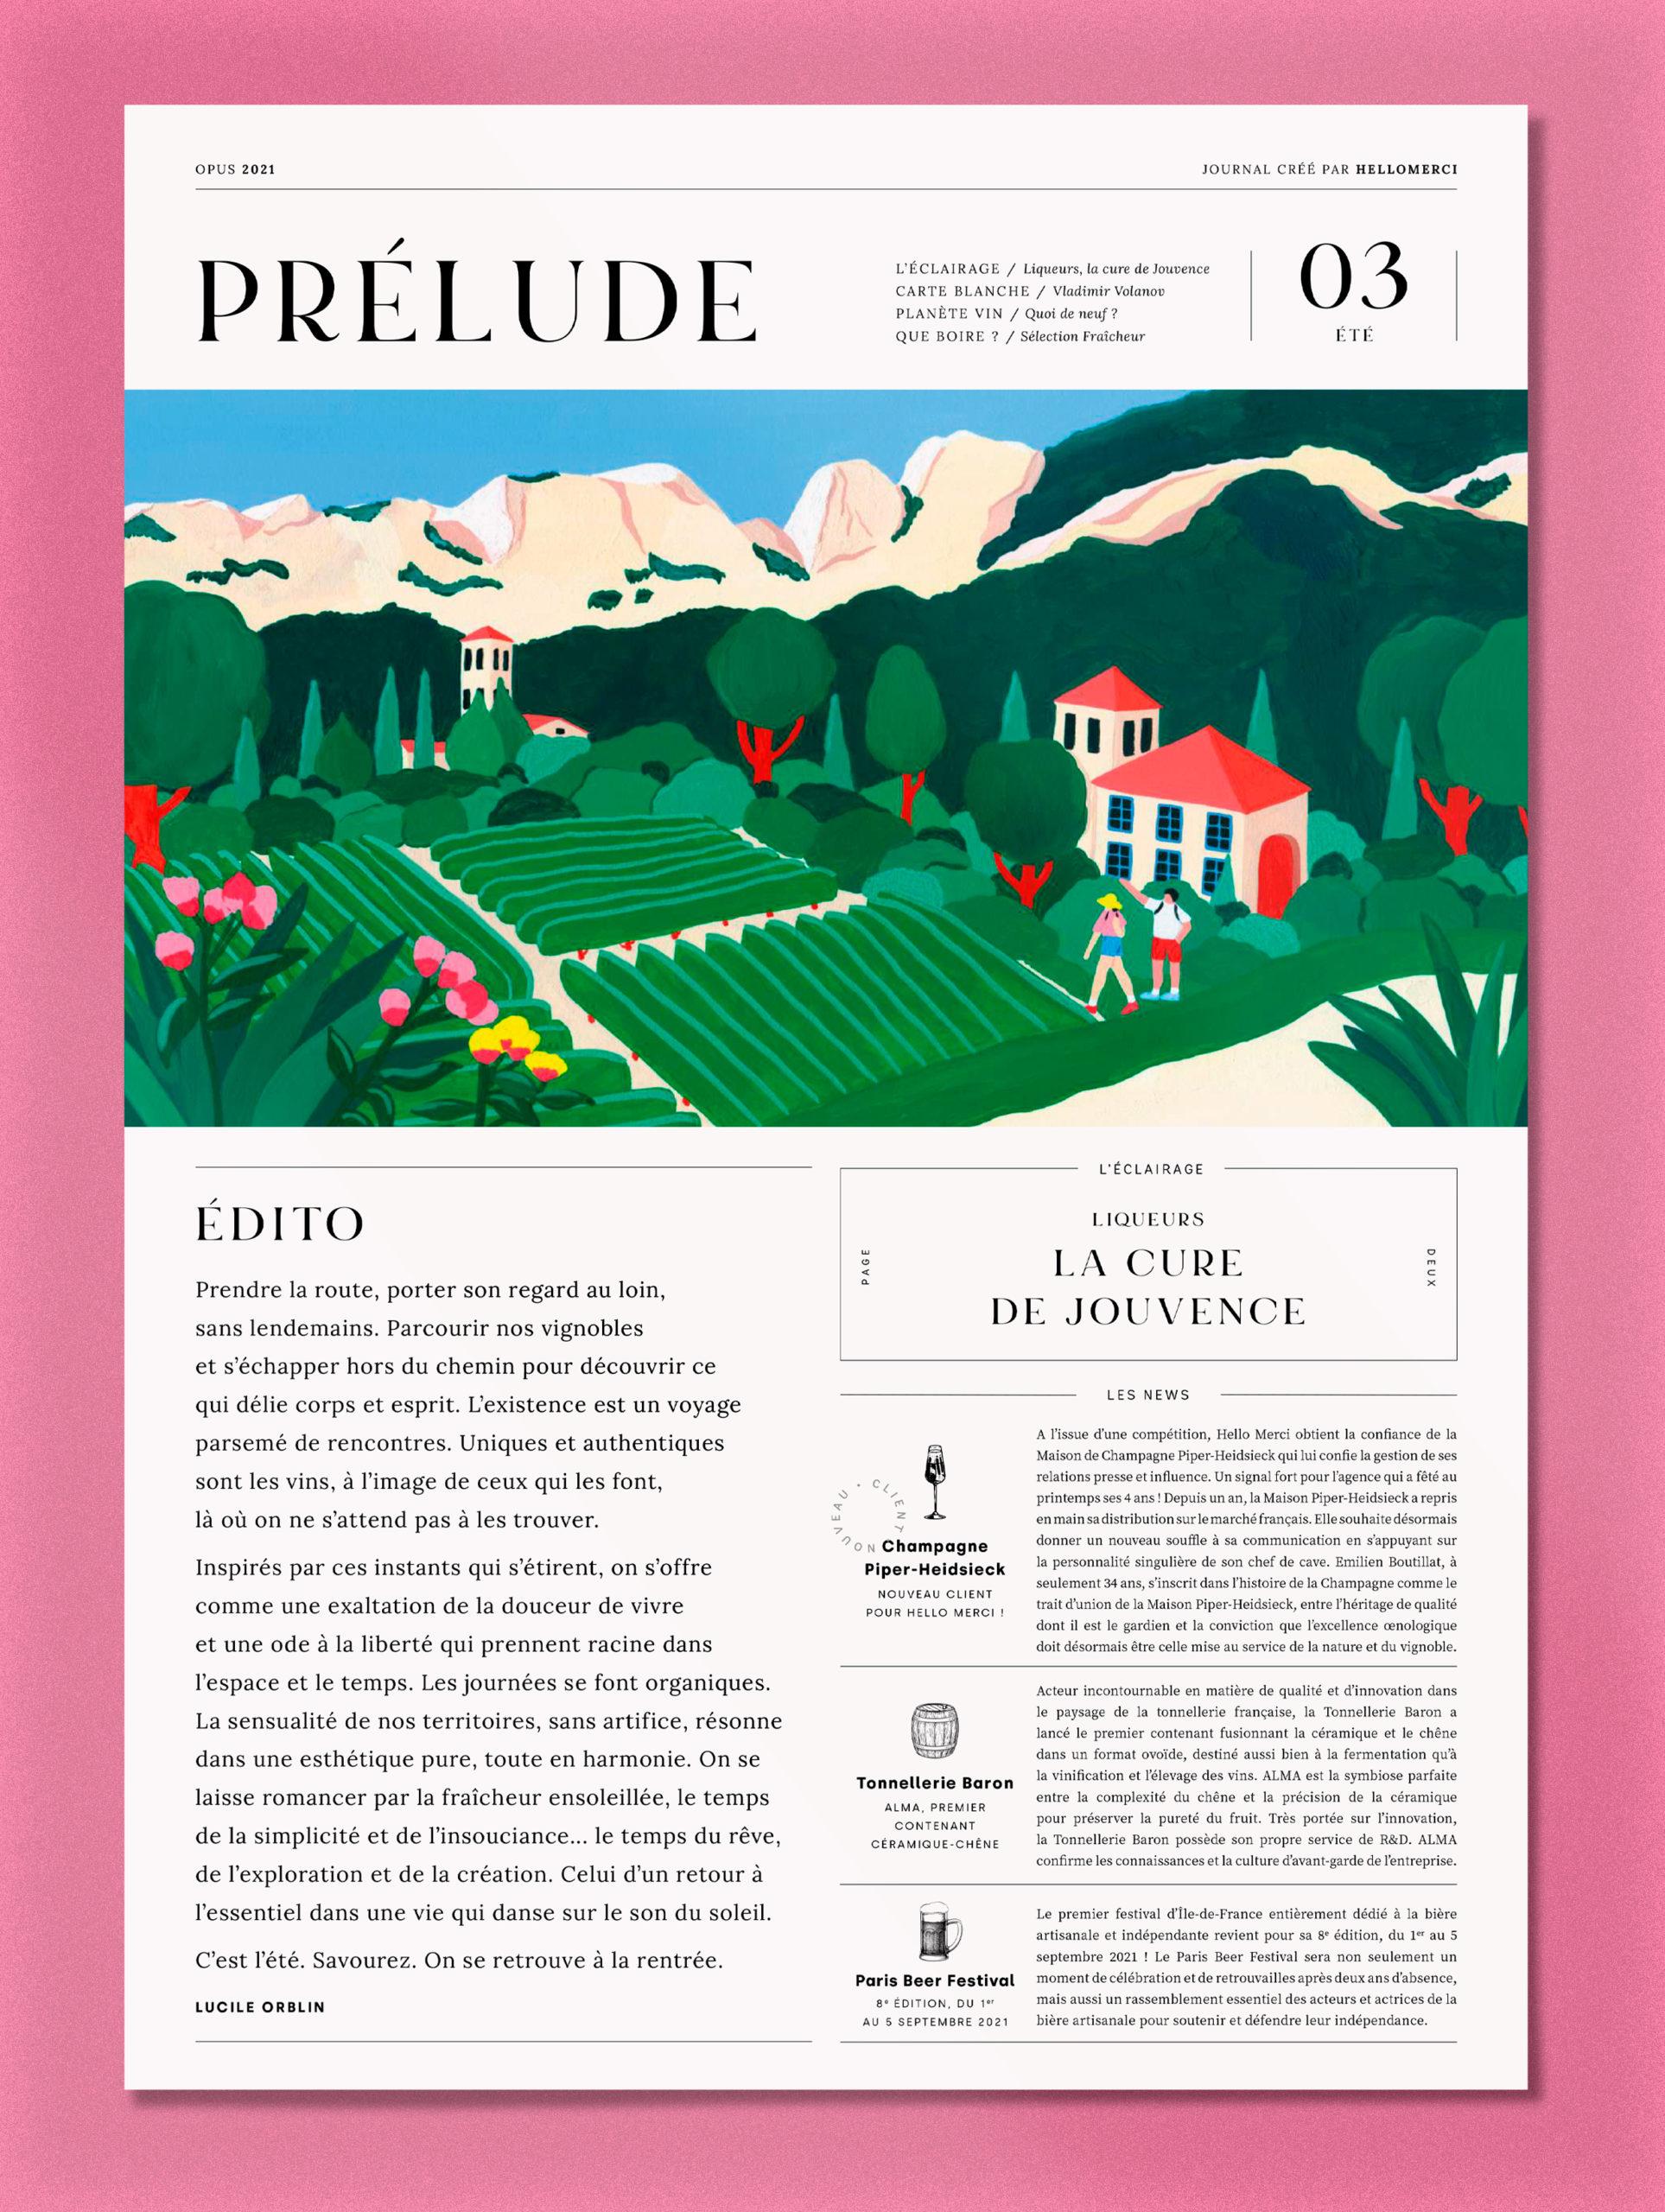 Marie-pellet-illustrations-portfolio-gouache-illustration-communication-édition-Hello-merci-vignes-vignobles-france-Dentelle de Montmiraille-vacances-été-découverte-mockup-Une